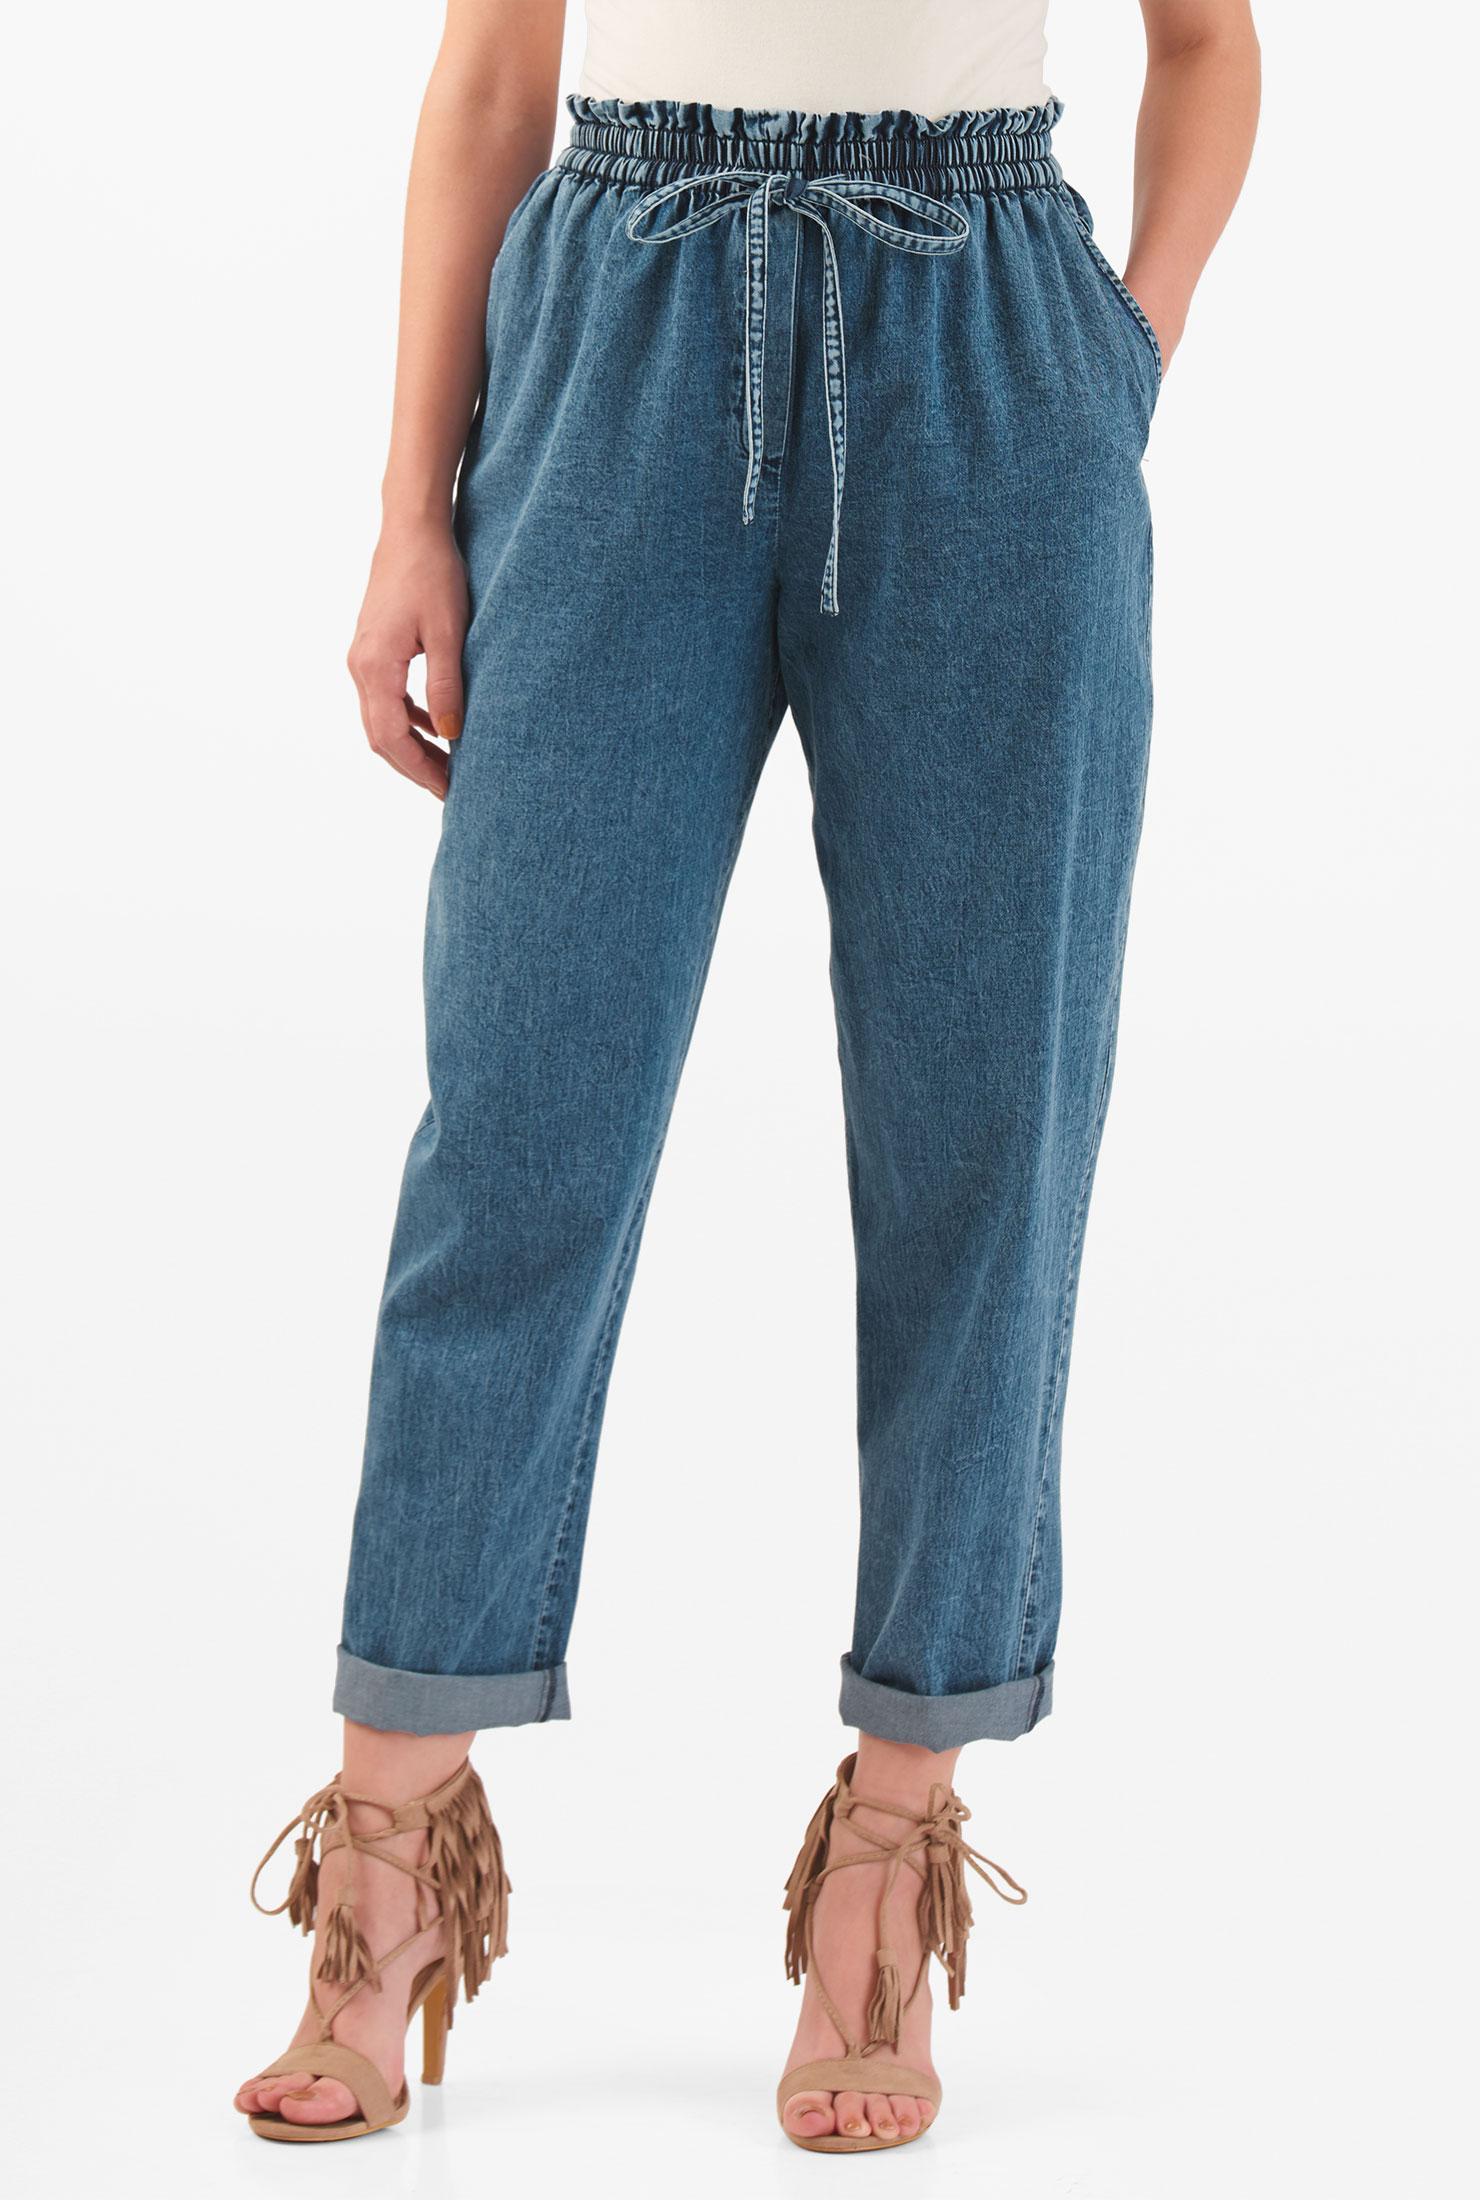 eShakti Women's Paperbag elastic waist cotton denim pants CL0048539